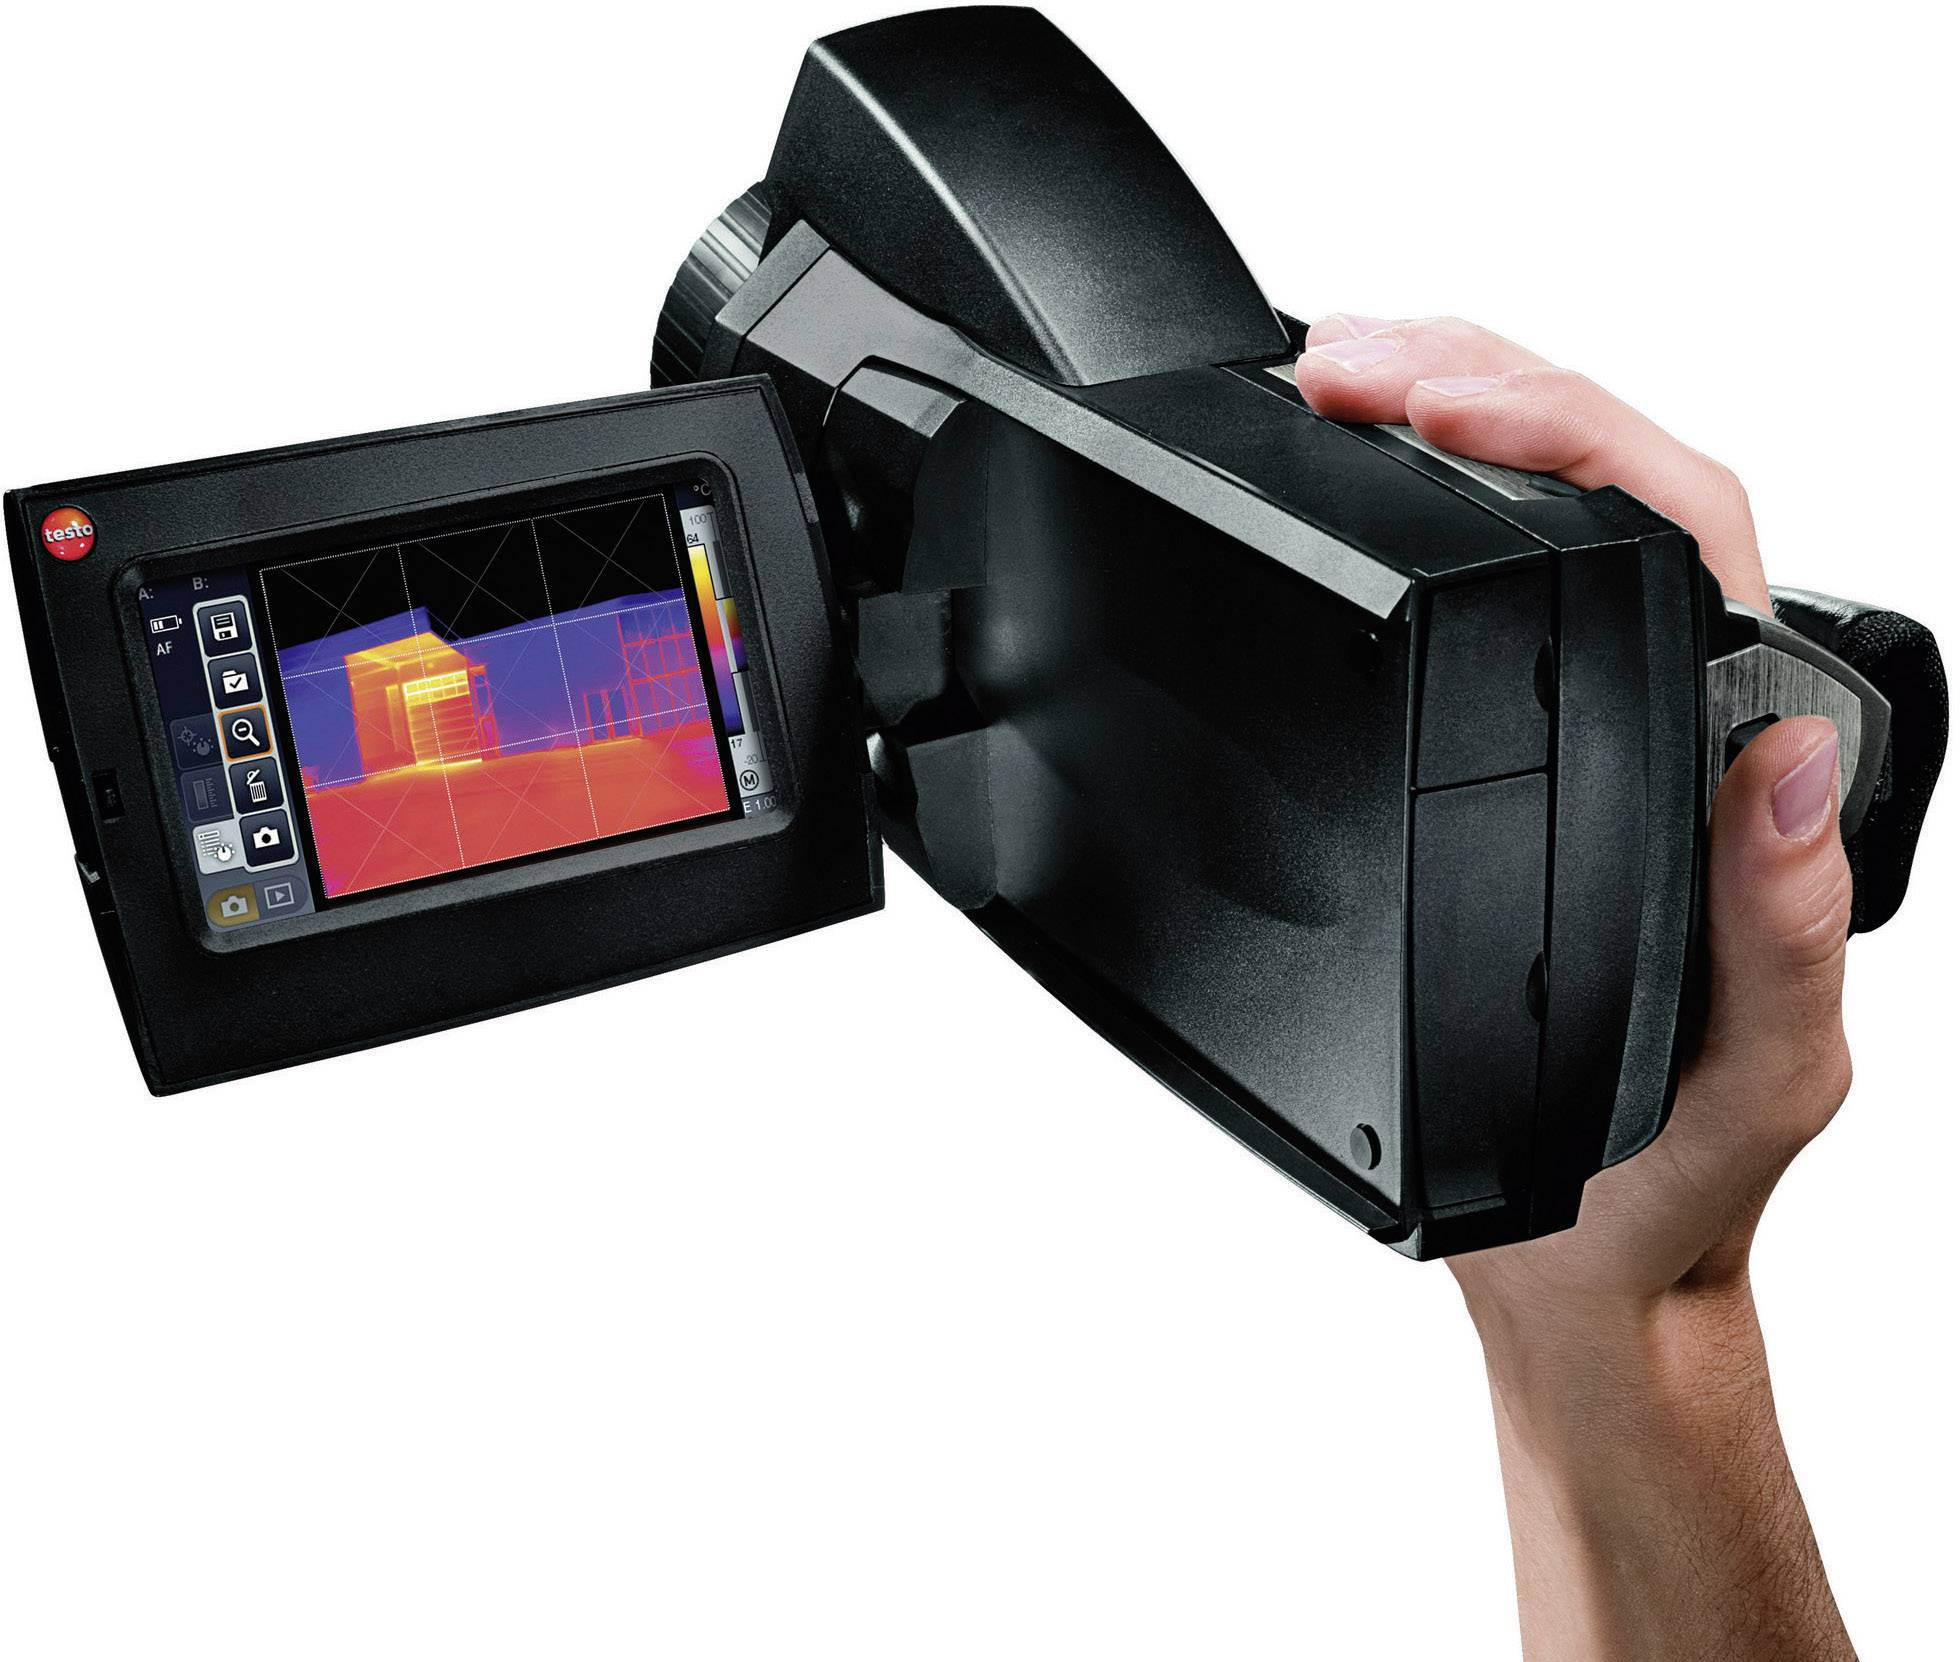 Termálna kamera testo 885-2 Set 0563 0885 V3, 640 x 320 pix